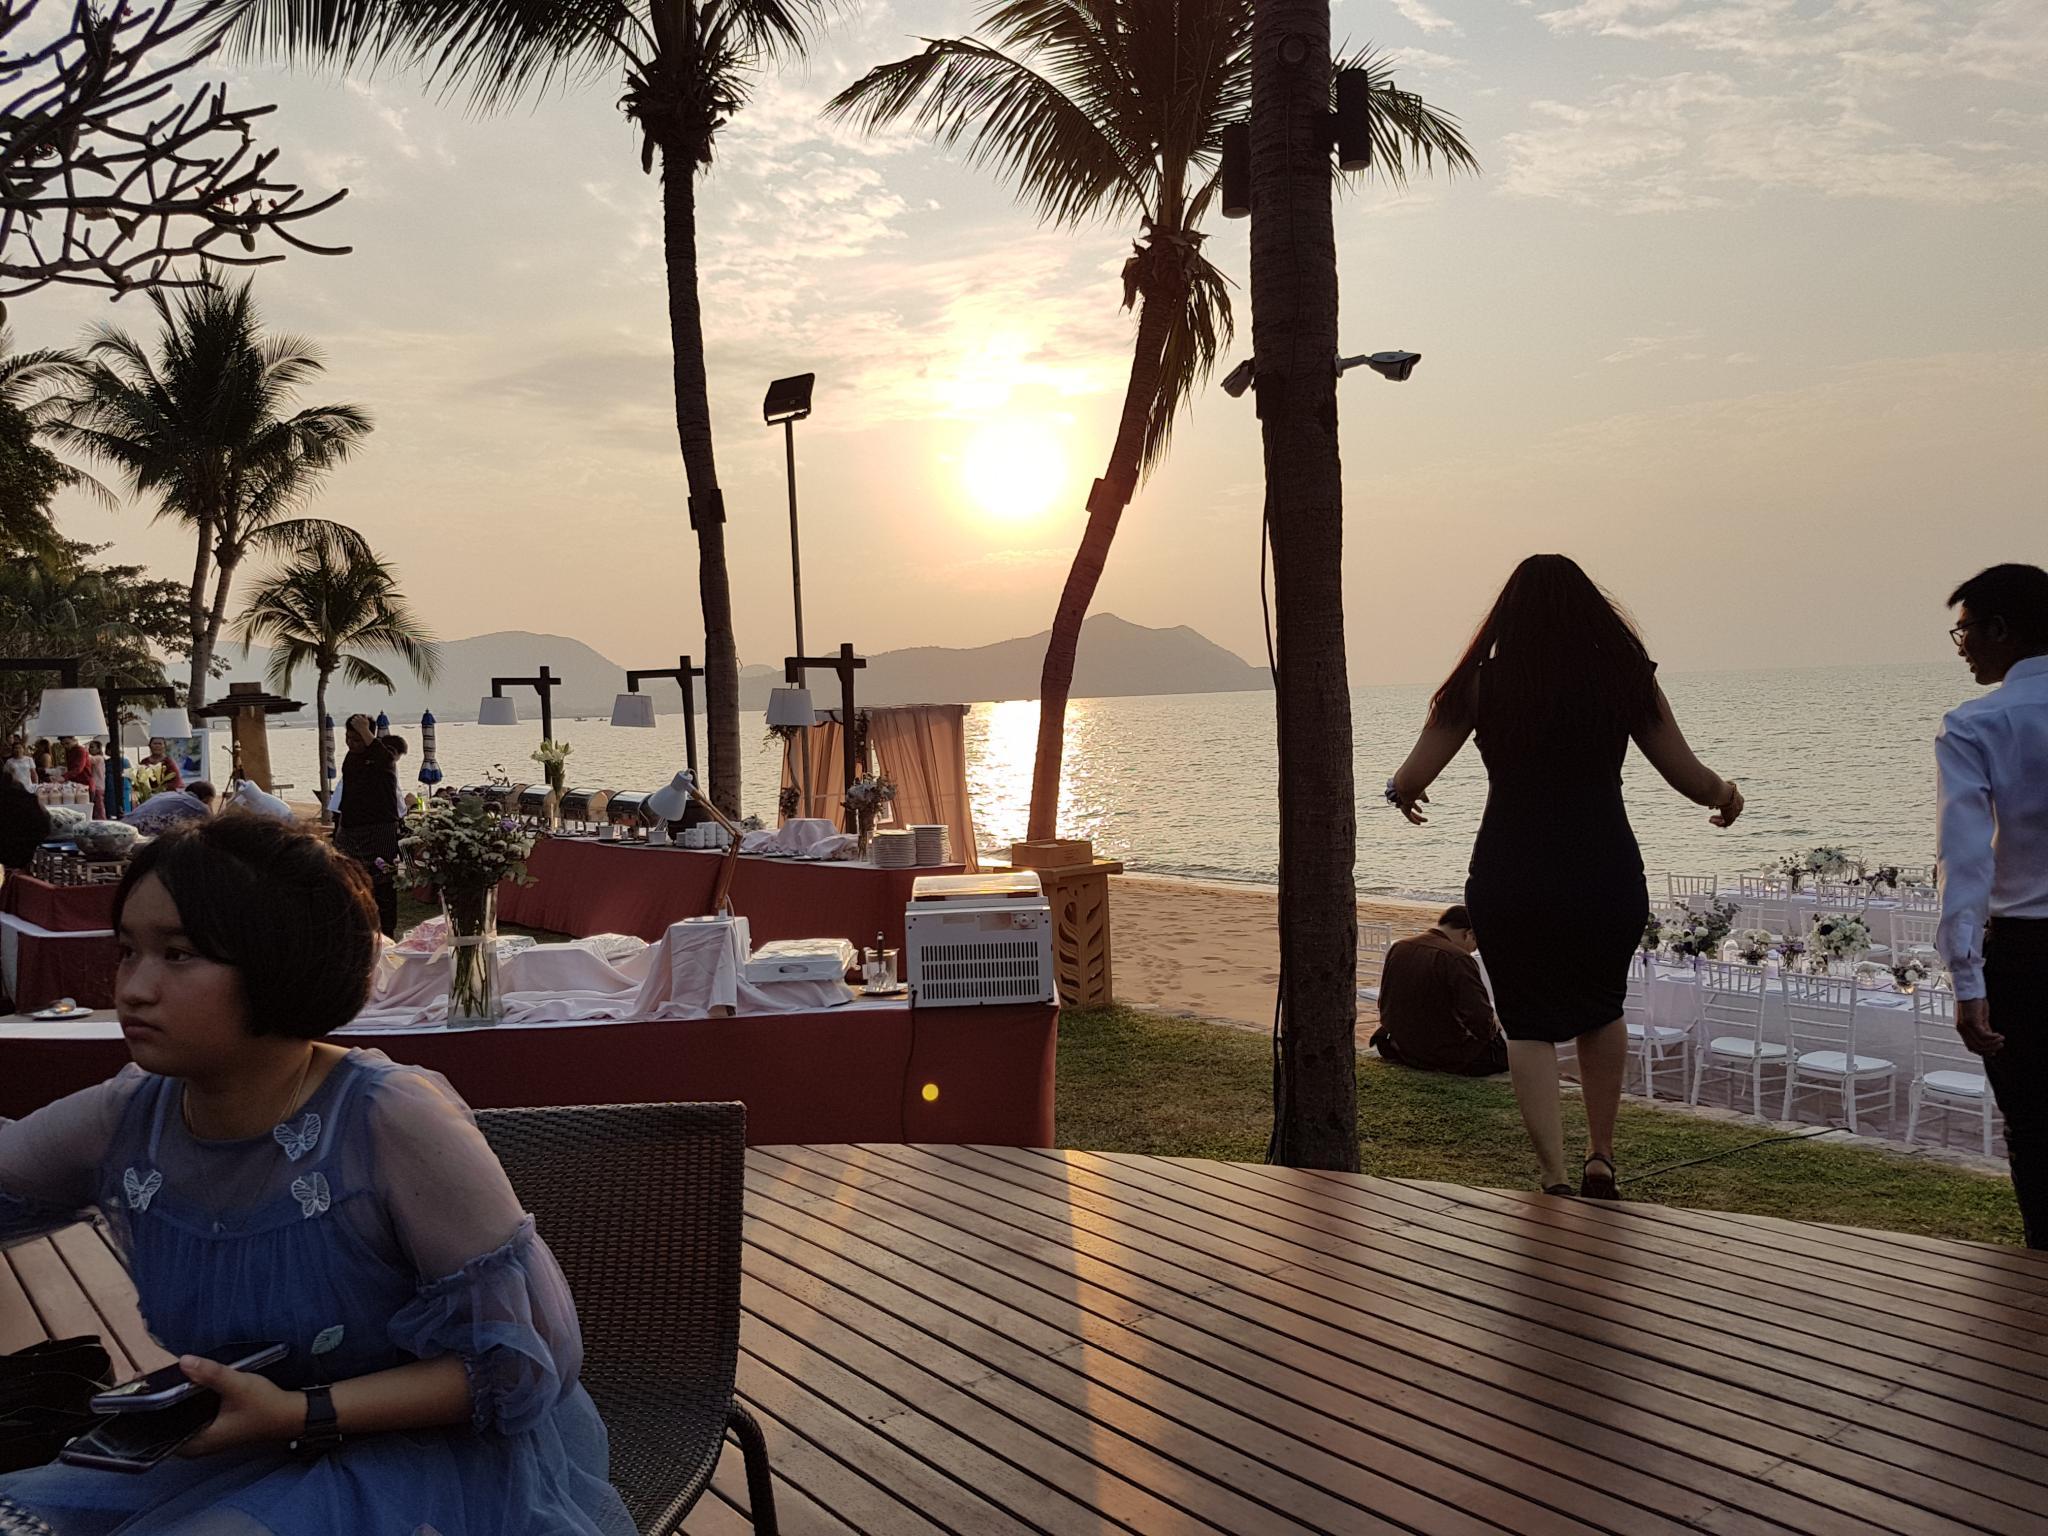 Bang Saray beach wedding & villa.-20191228_172022-jpg